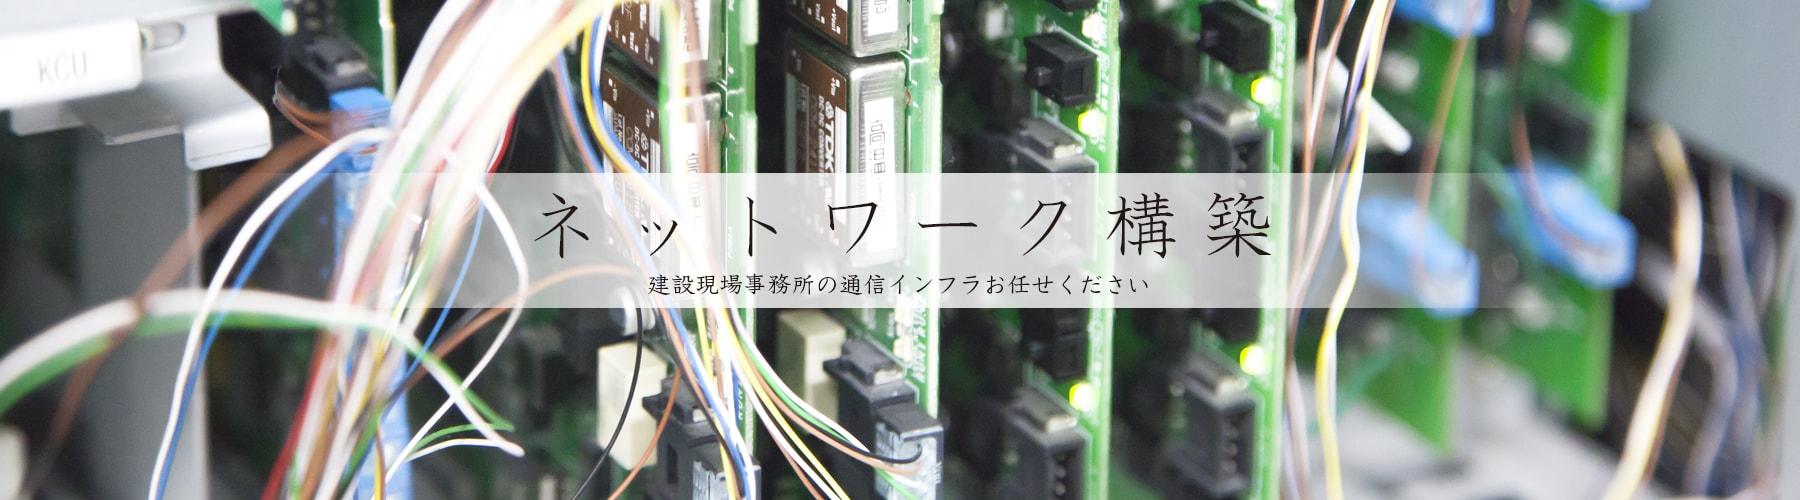 ネットワーク構築